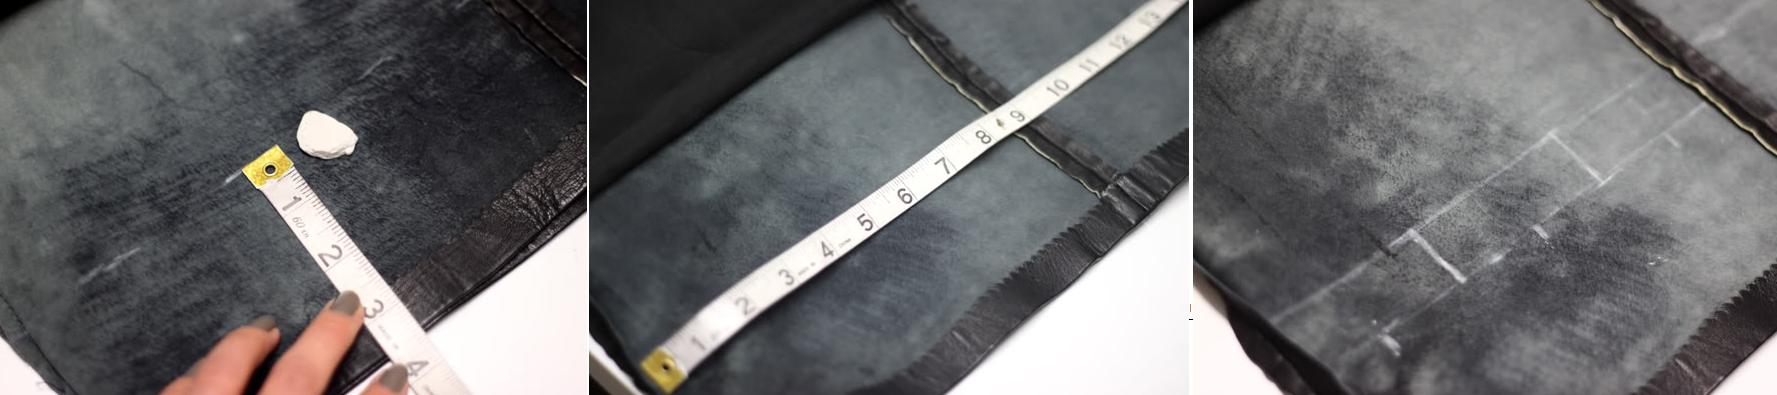 Como renovar ropa de cuero personalizando sus orillos3